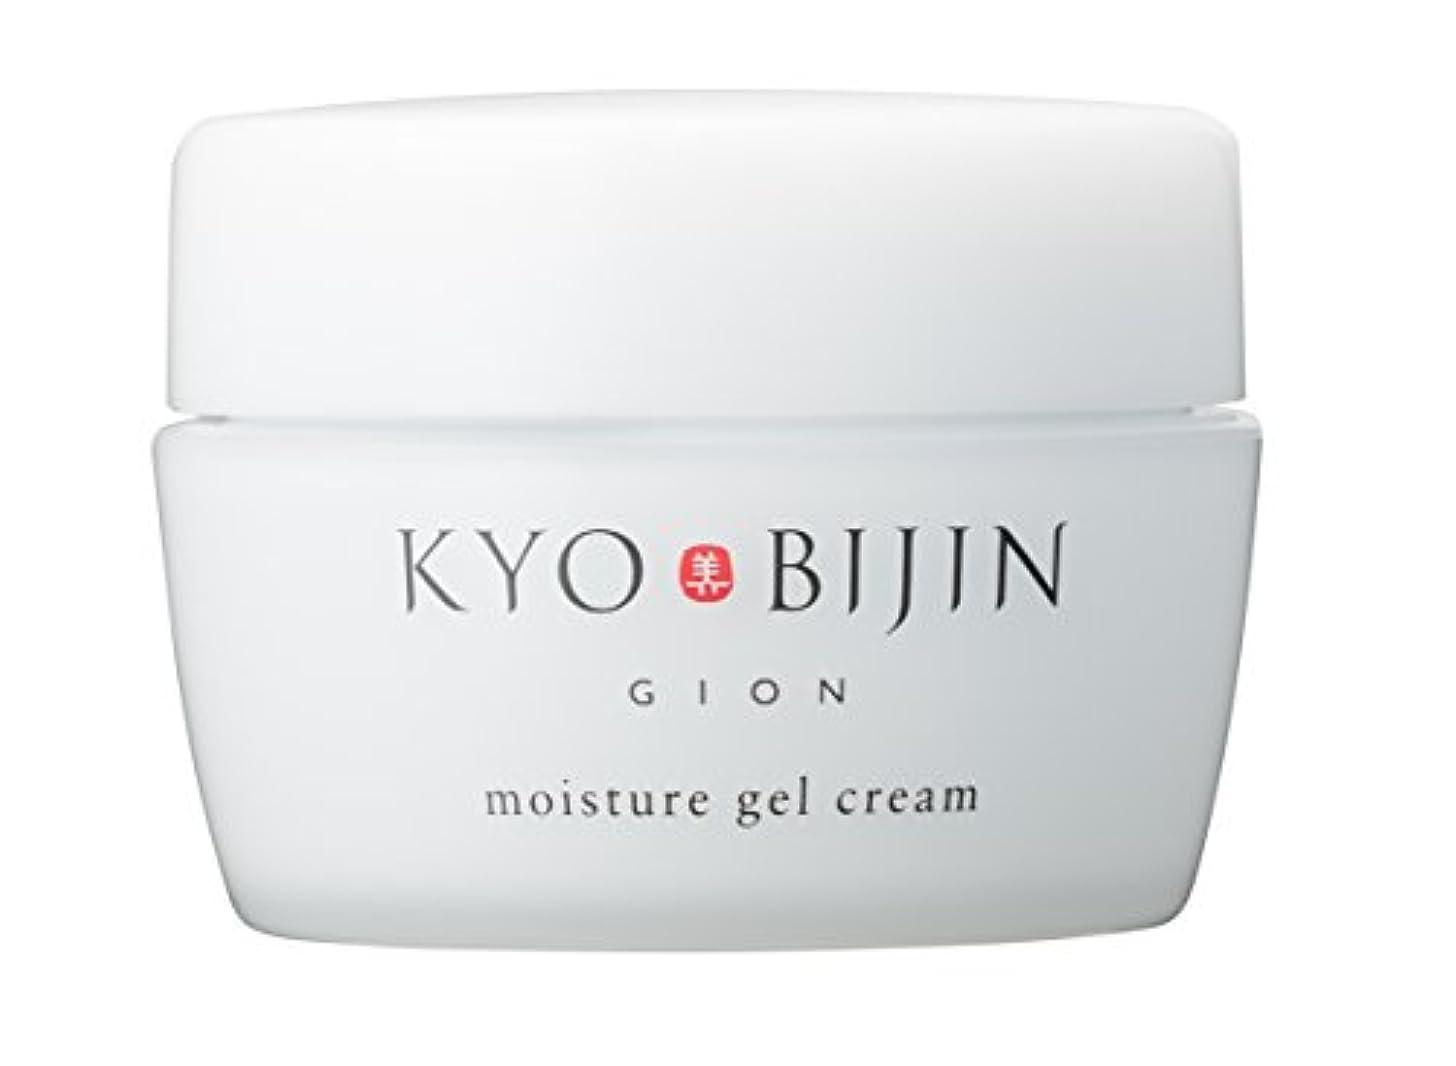 実質的に期待して腰KYO BIJIN モイスチャージェルクリーム 50g